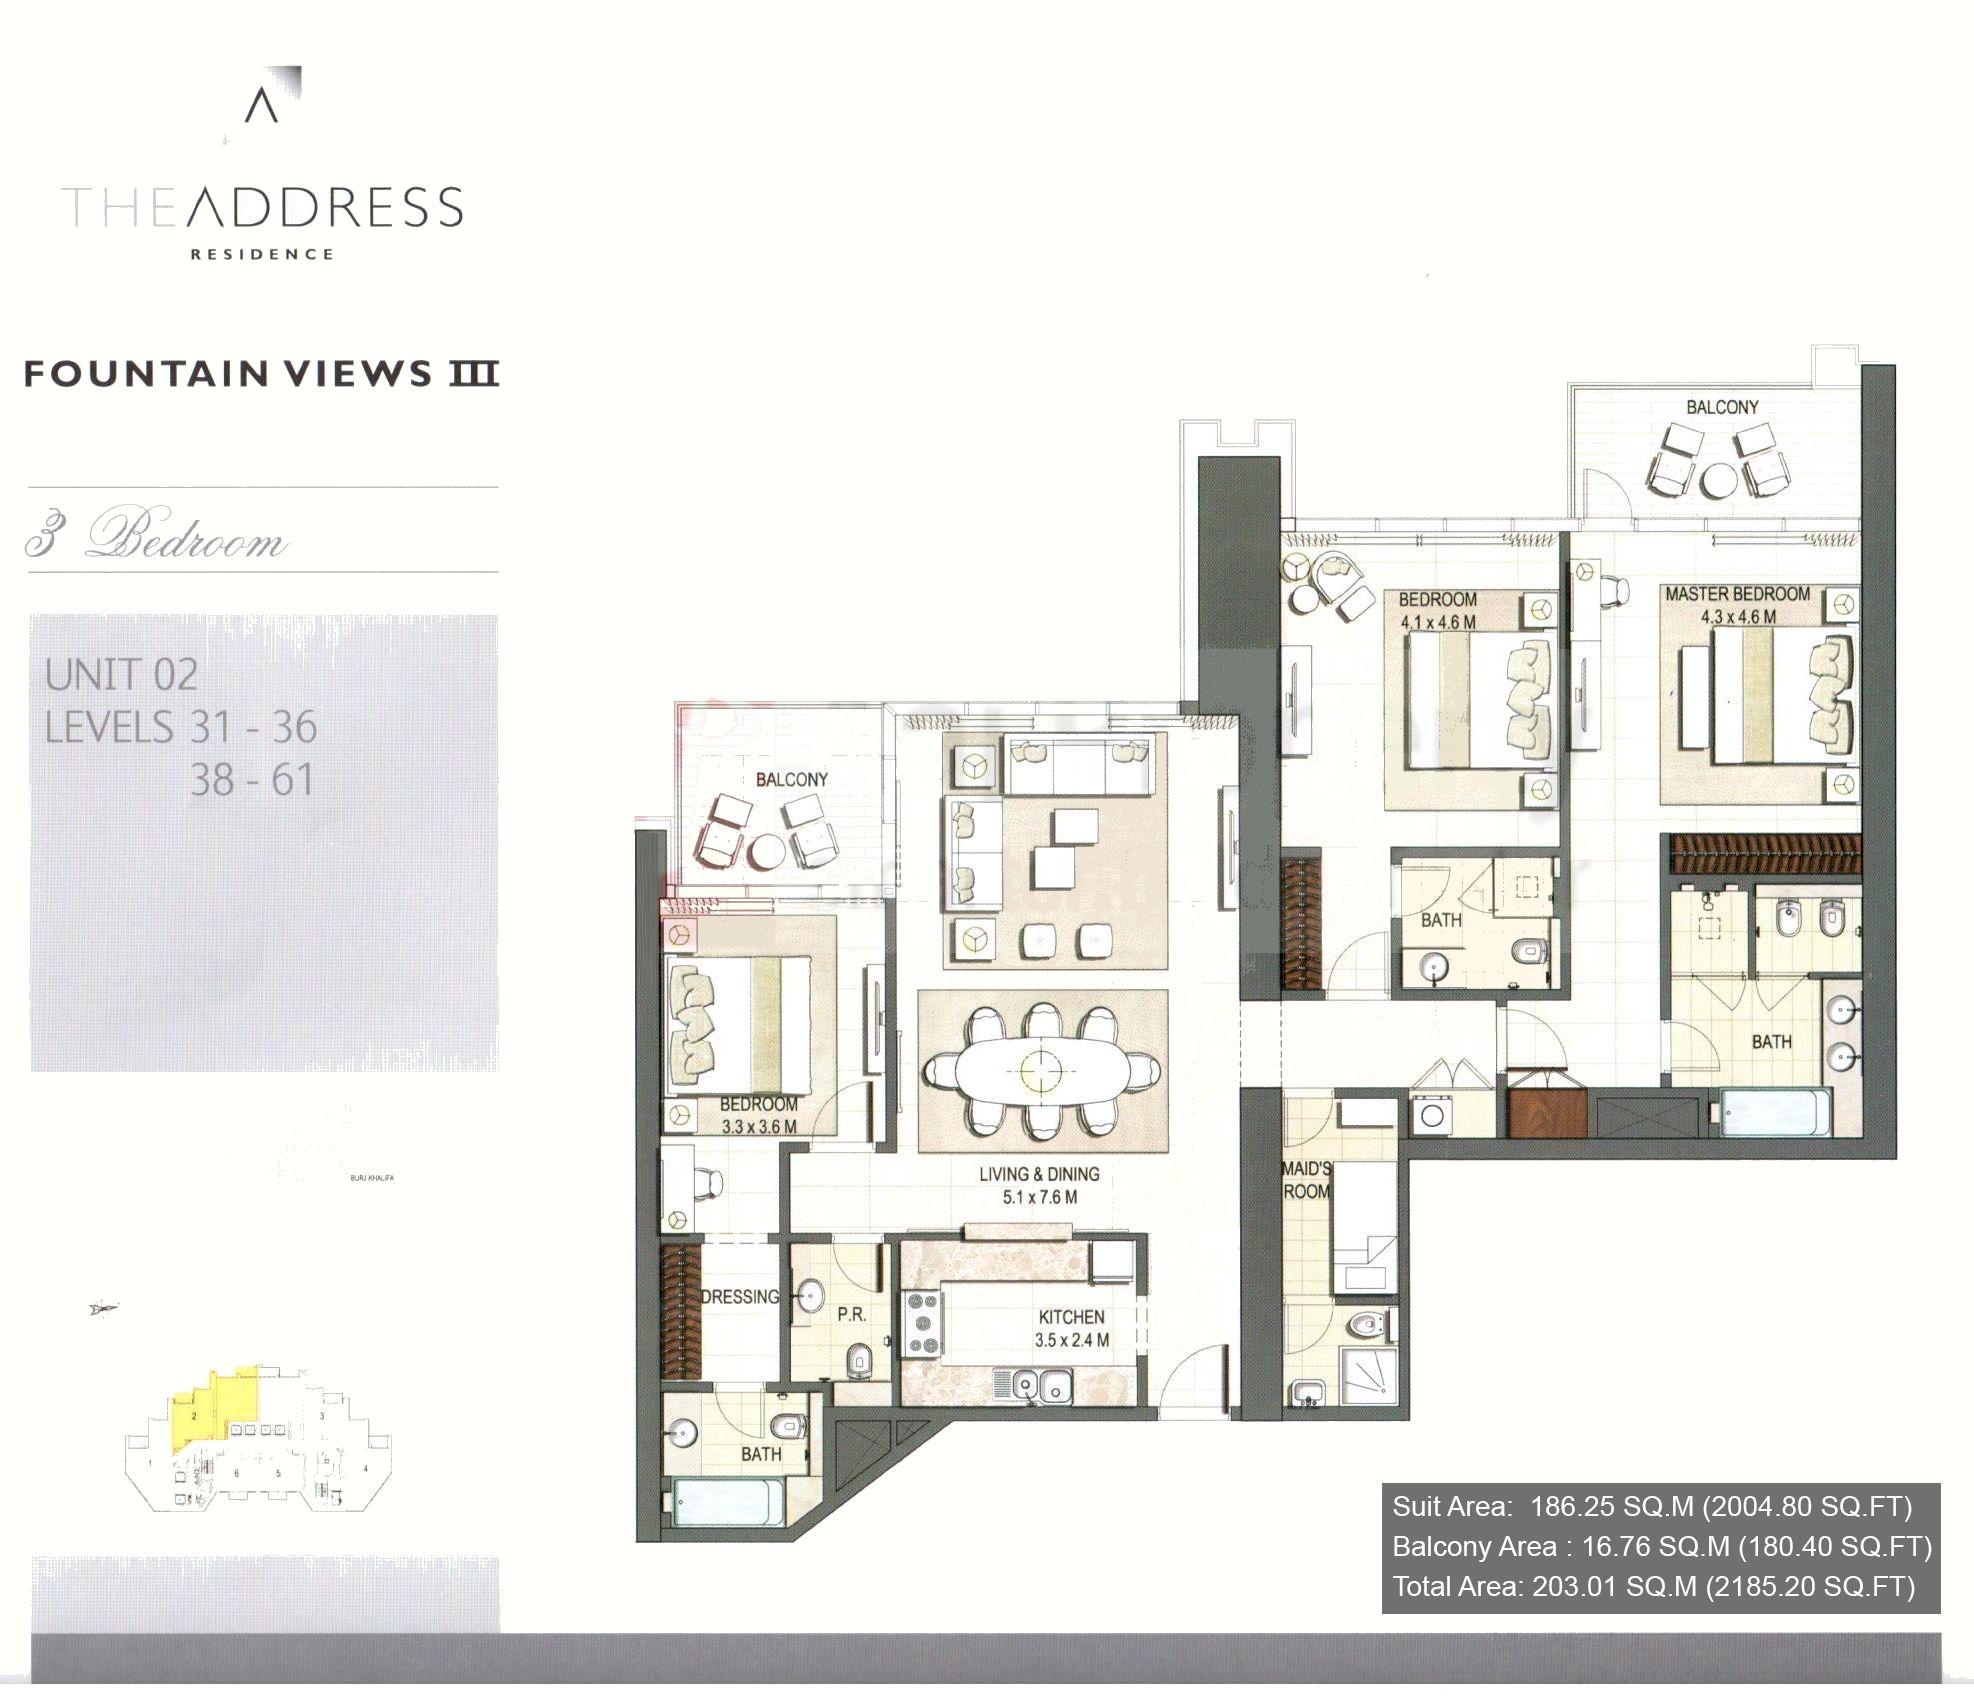 The Address Residence Floor Plans Downtown Dubai Floor Plans Residences Pent House